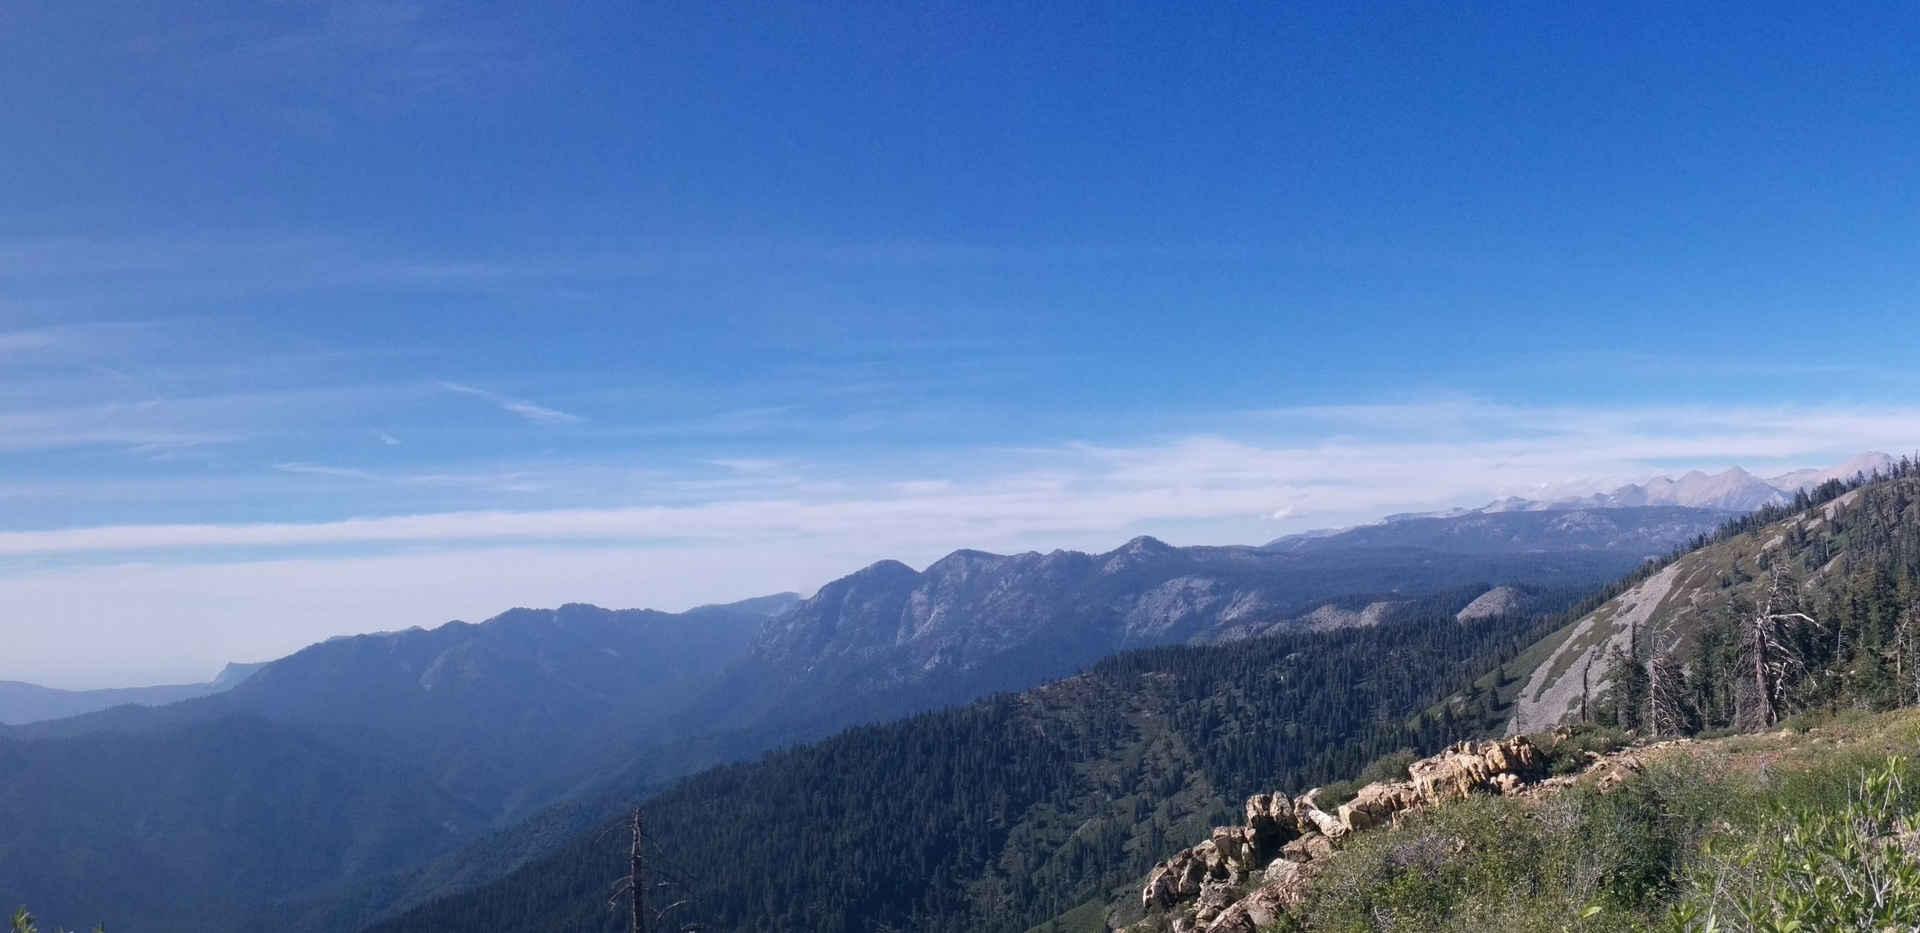 Jordan Peak Lookout View Right